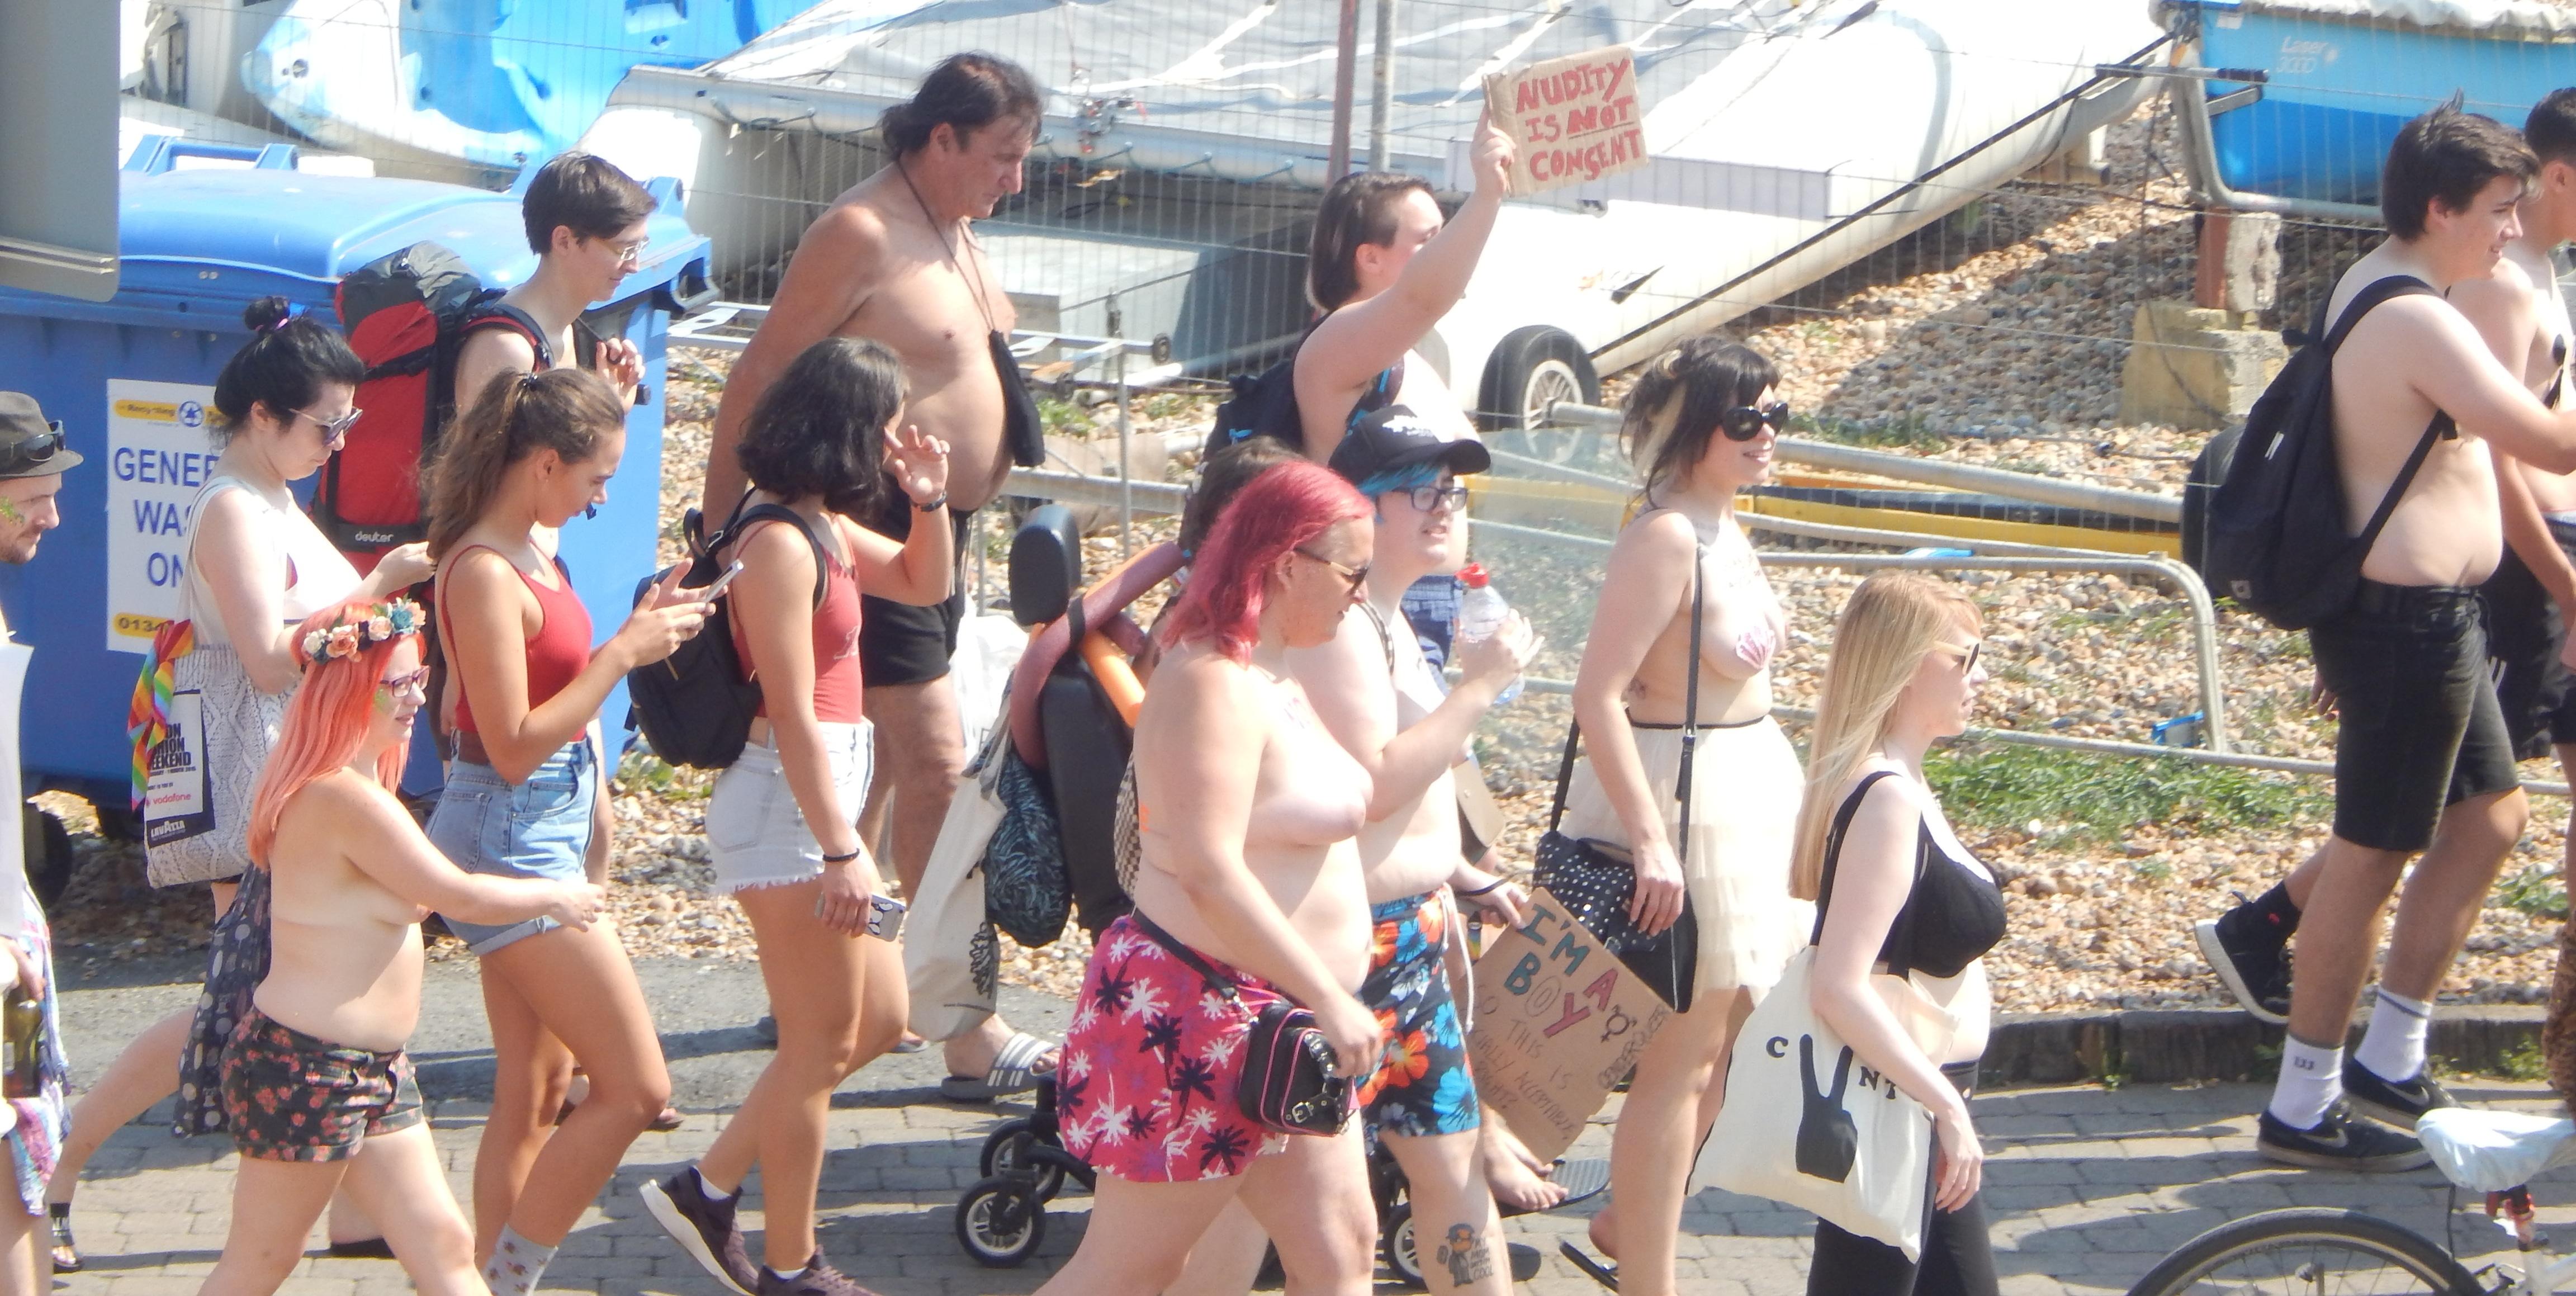 File:Brighton 2018 Free The Nipple rally 103.jpg